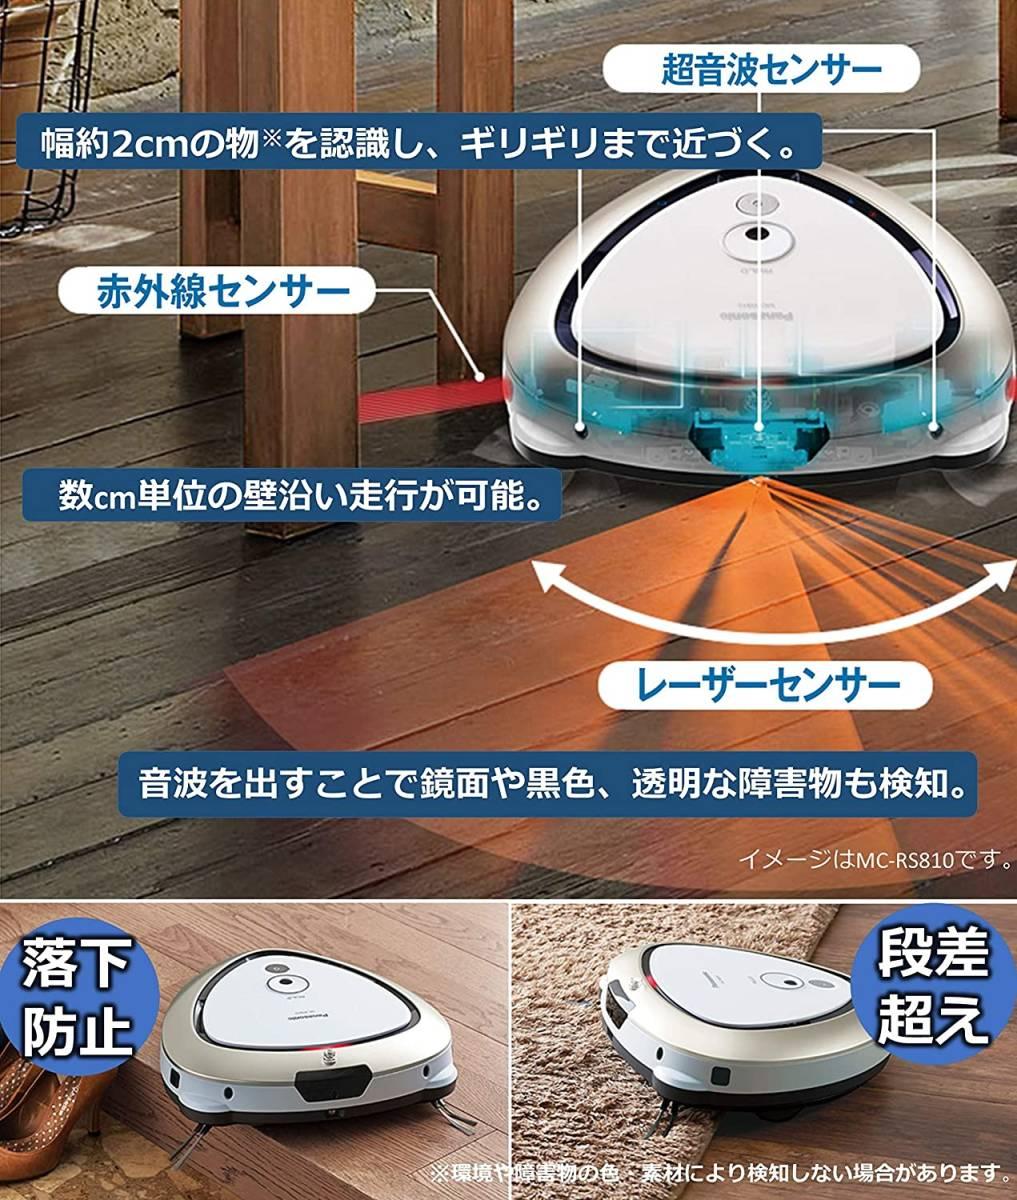 447送料無料[SALE]新品未開封 Panasonic ロボット掃除機 RULO(ルーロ)スマホ対応モデル シャンパンゴールド■MC-RS520-N■激安SHOP24_画像3